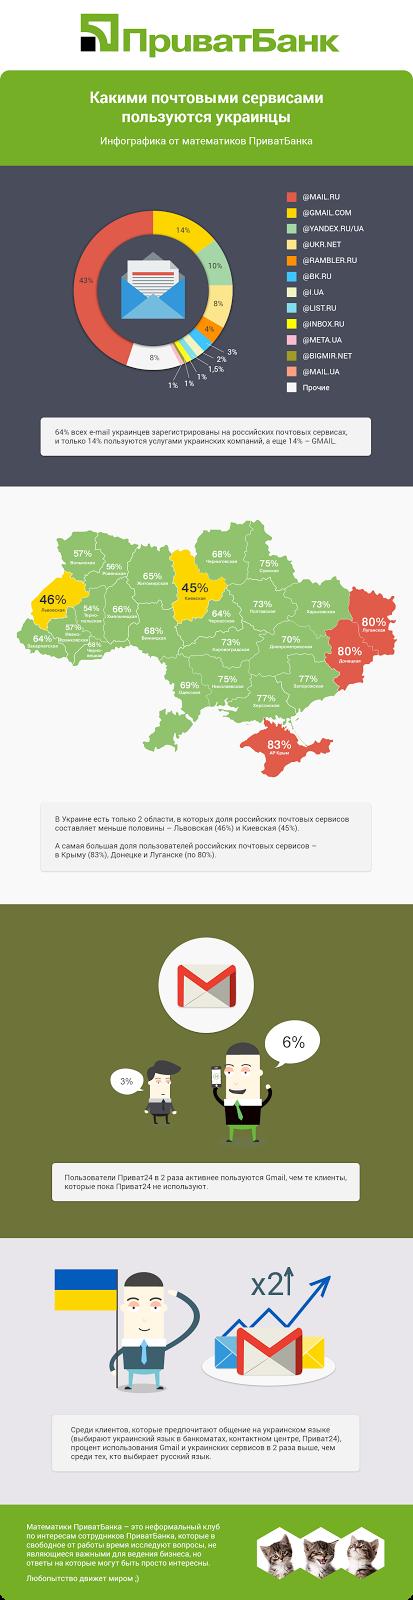 Якою електронною поштою користуються українці? (інфографіка)